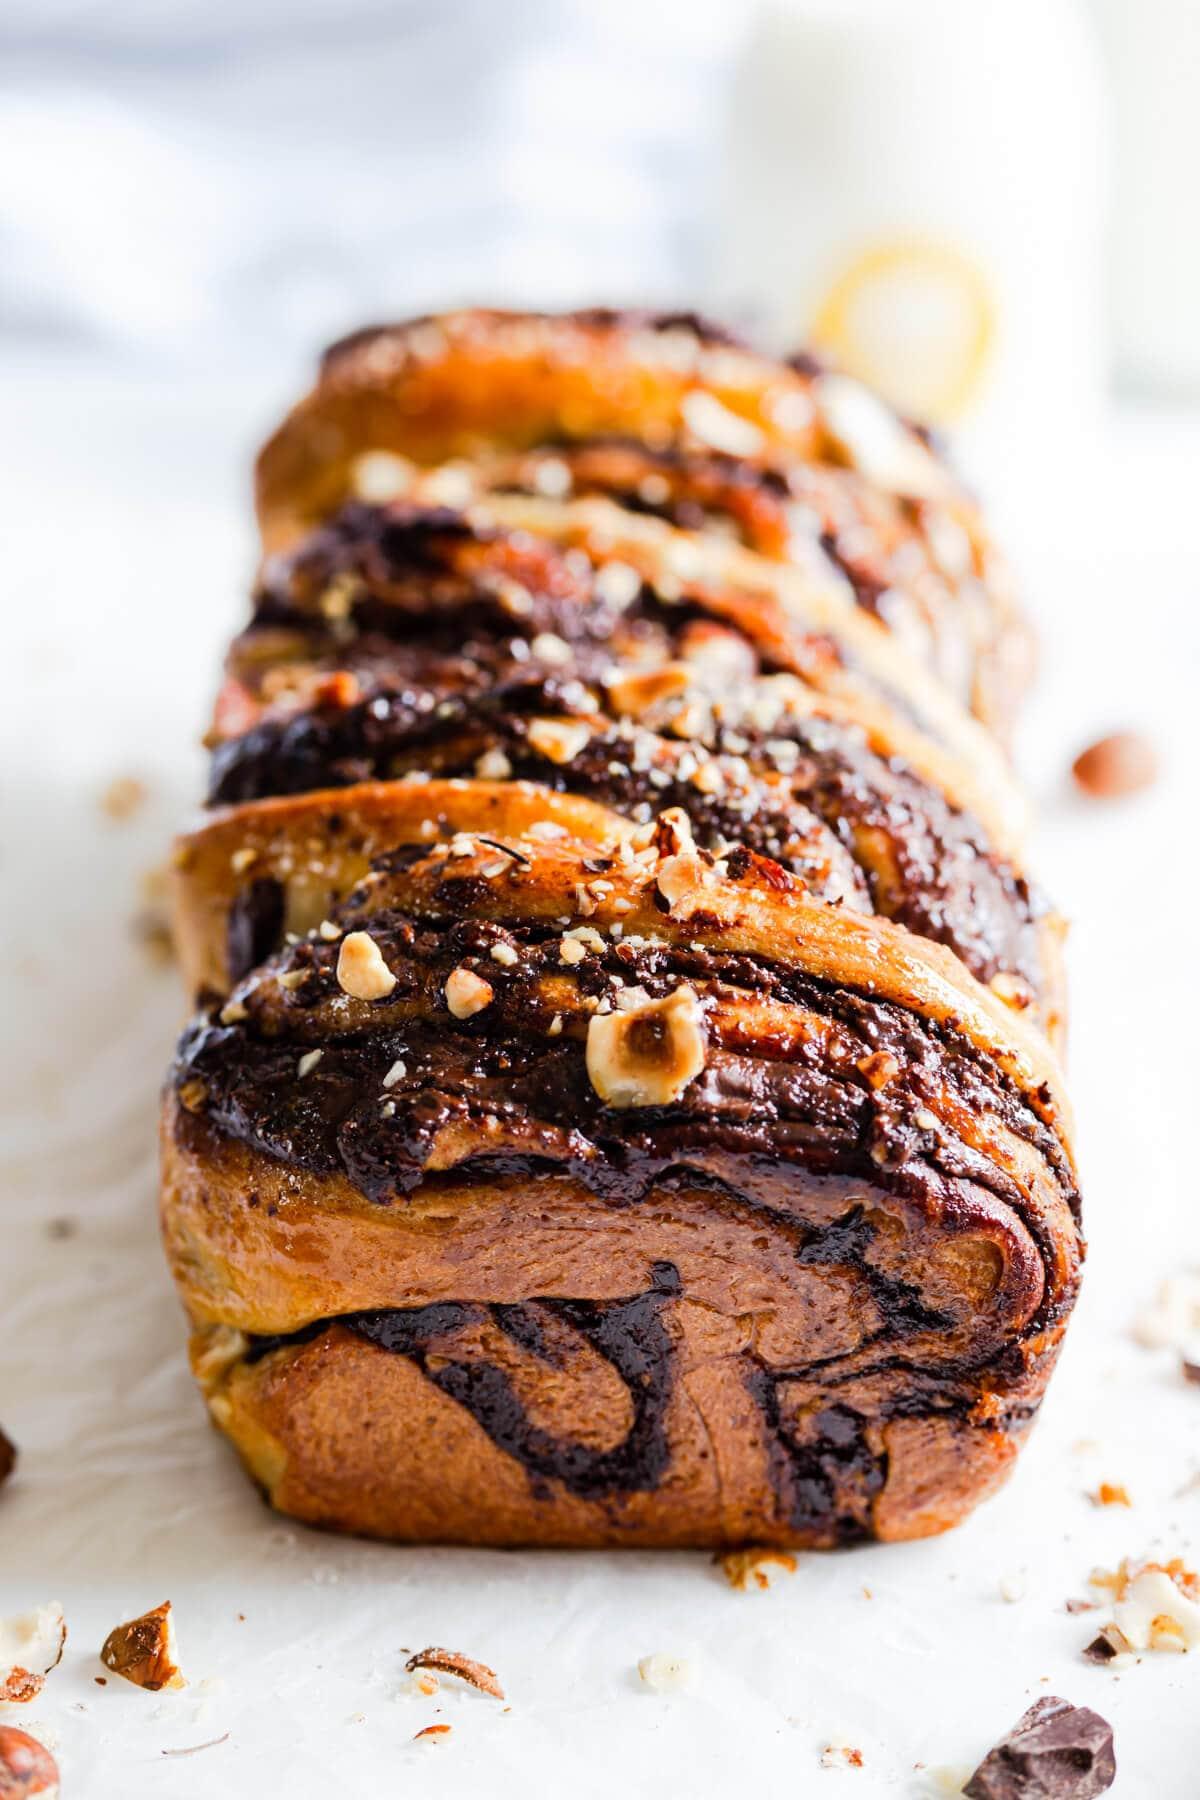 45 degree angle view of baked chocolate hazelnut babka